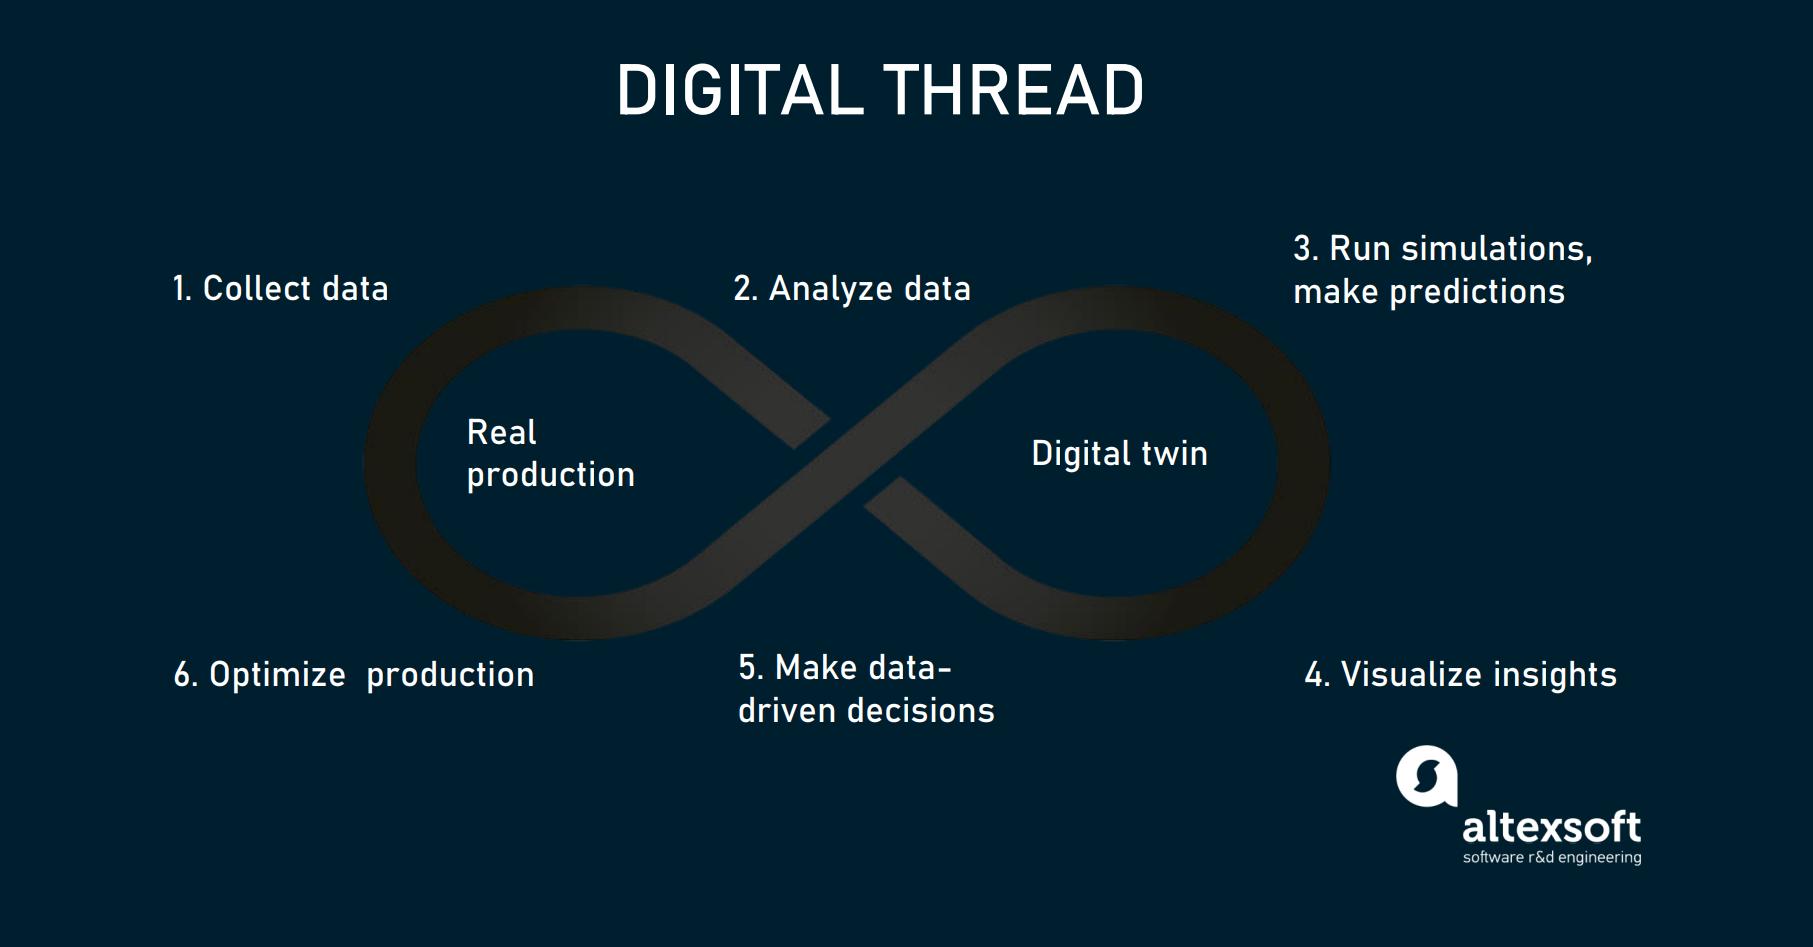 Digital thread